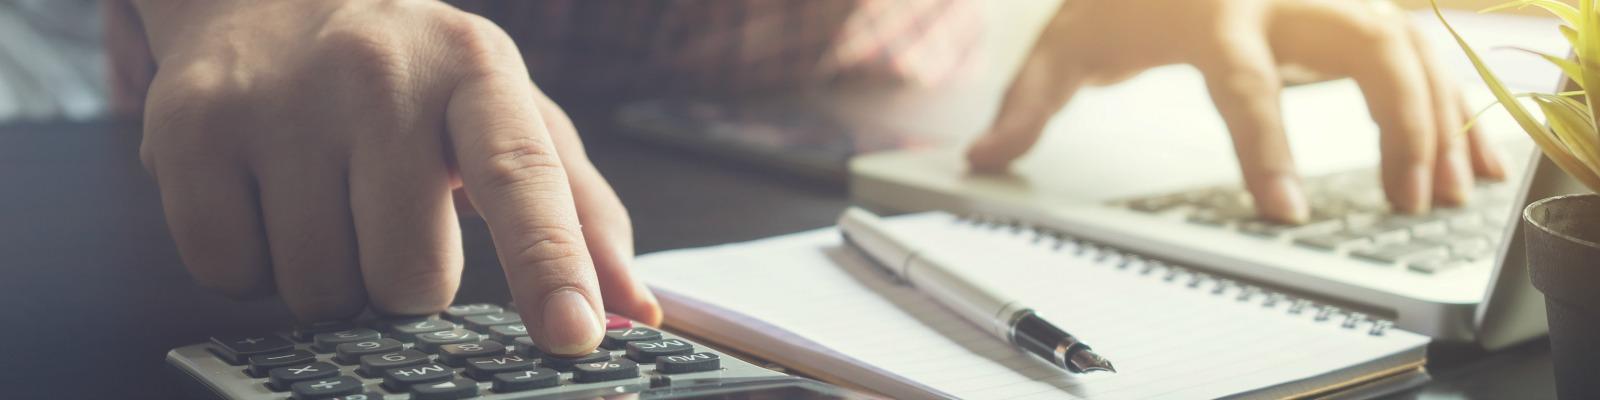 Term loans vs. MCAs